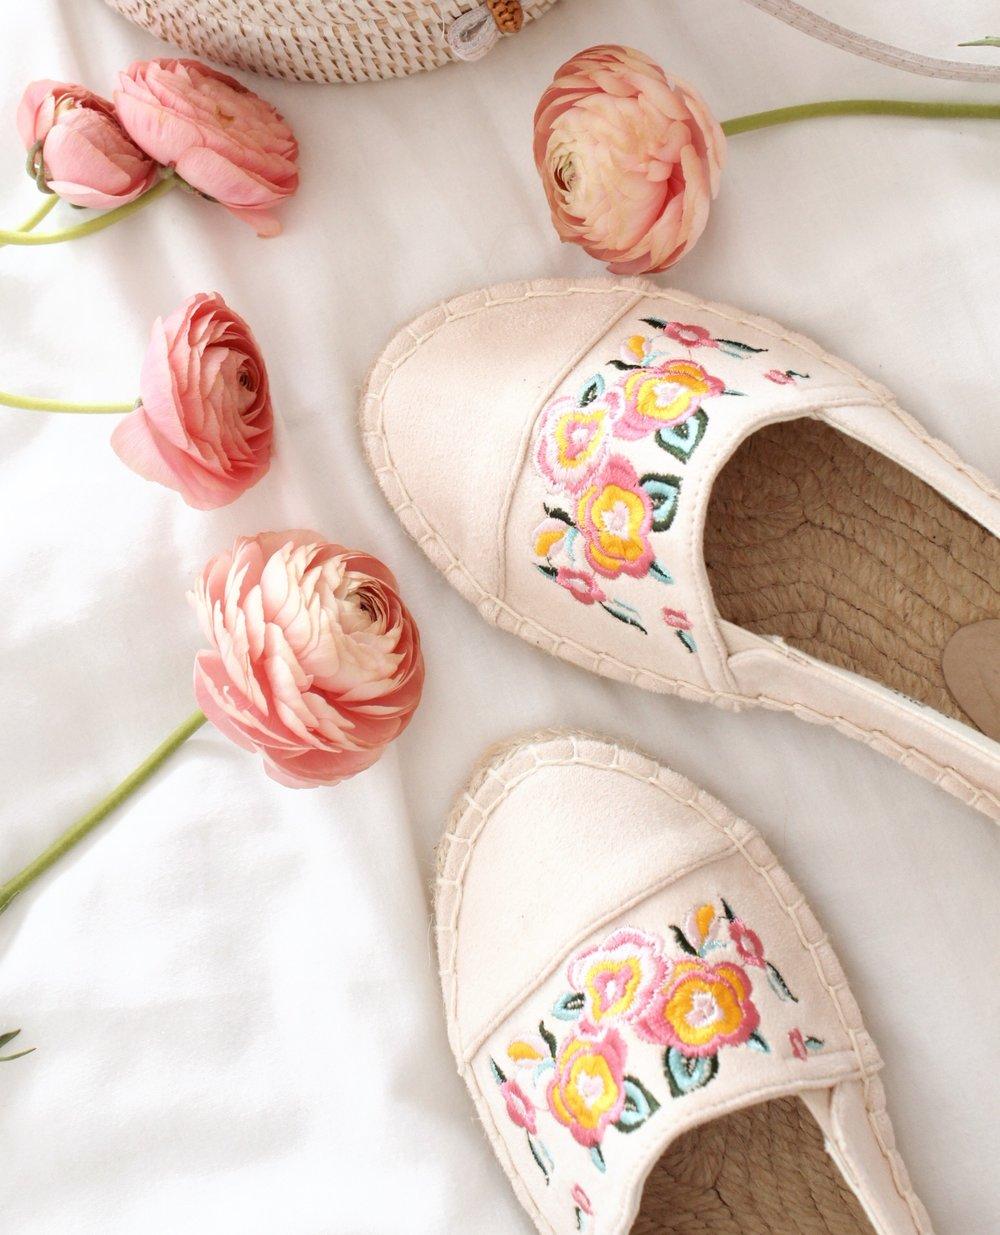 ASOS Shoes.JPG